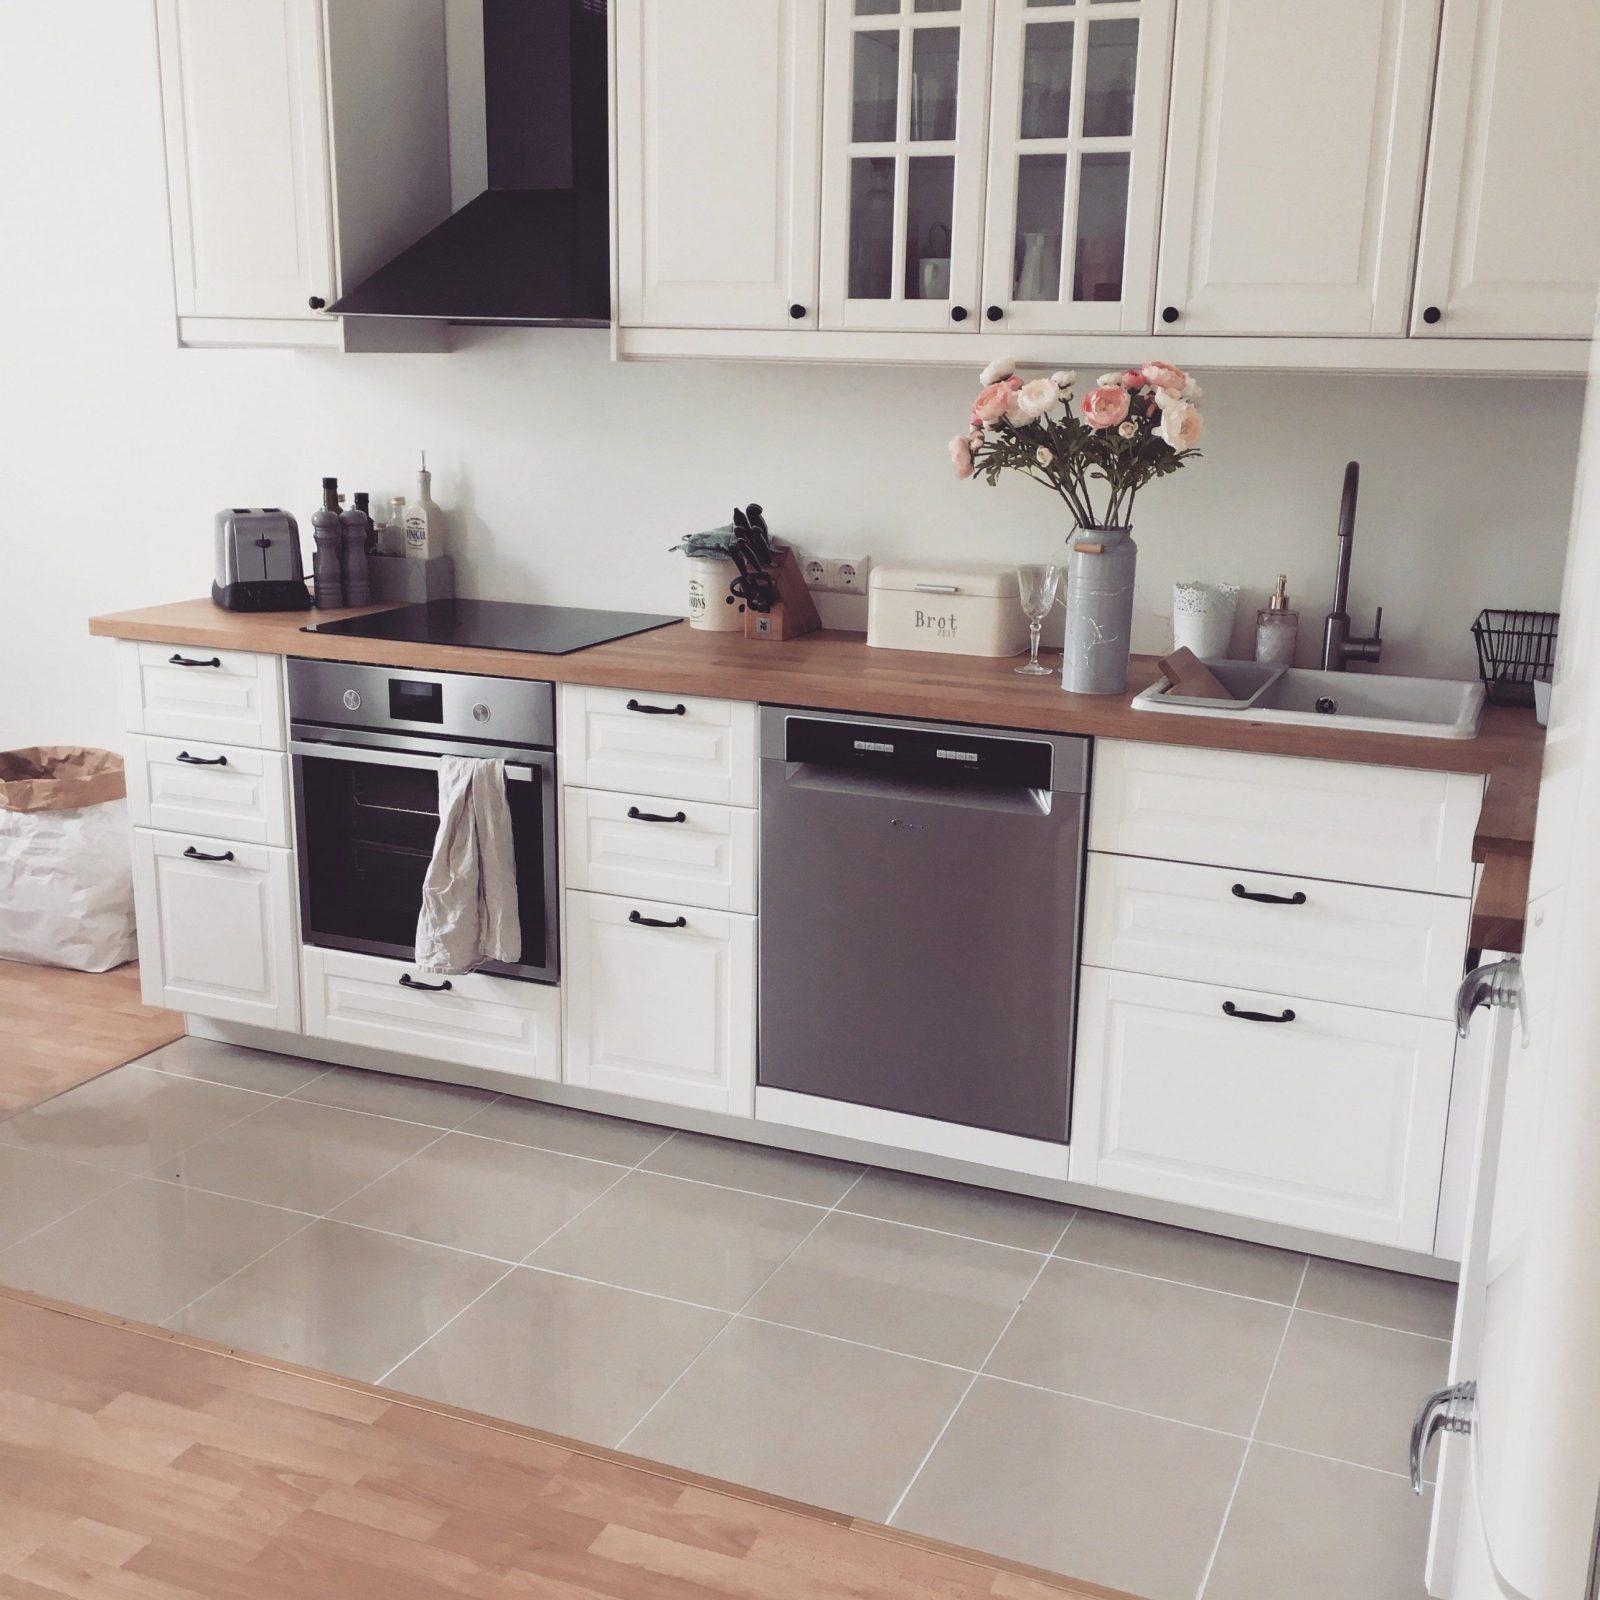 Landhausstil Küche Weiß Atemberaubend Kuchen Ikea  Küchen Inspiration von Küche Landhausstil Weiß Ikea Bild